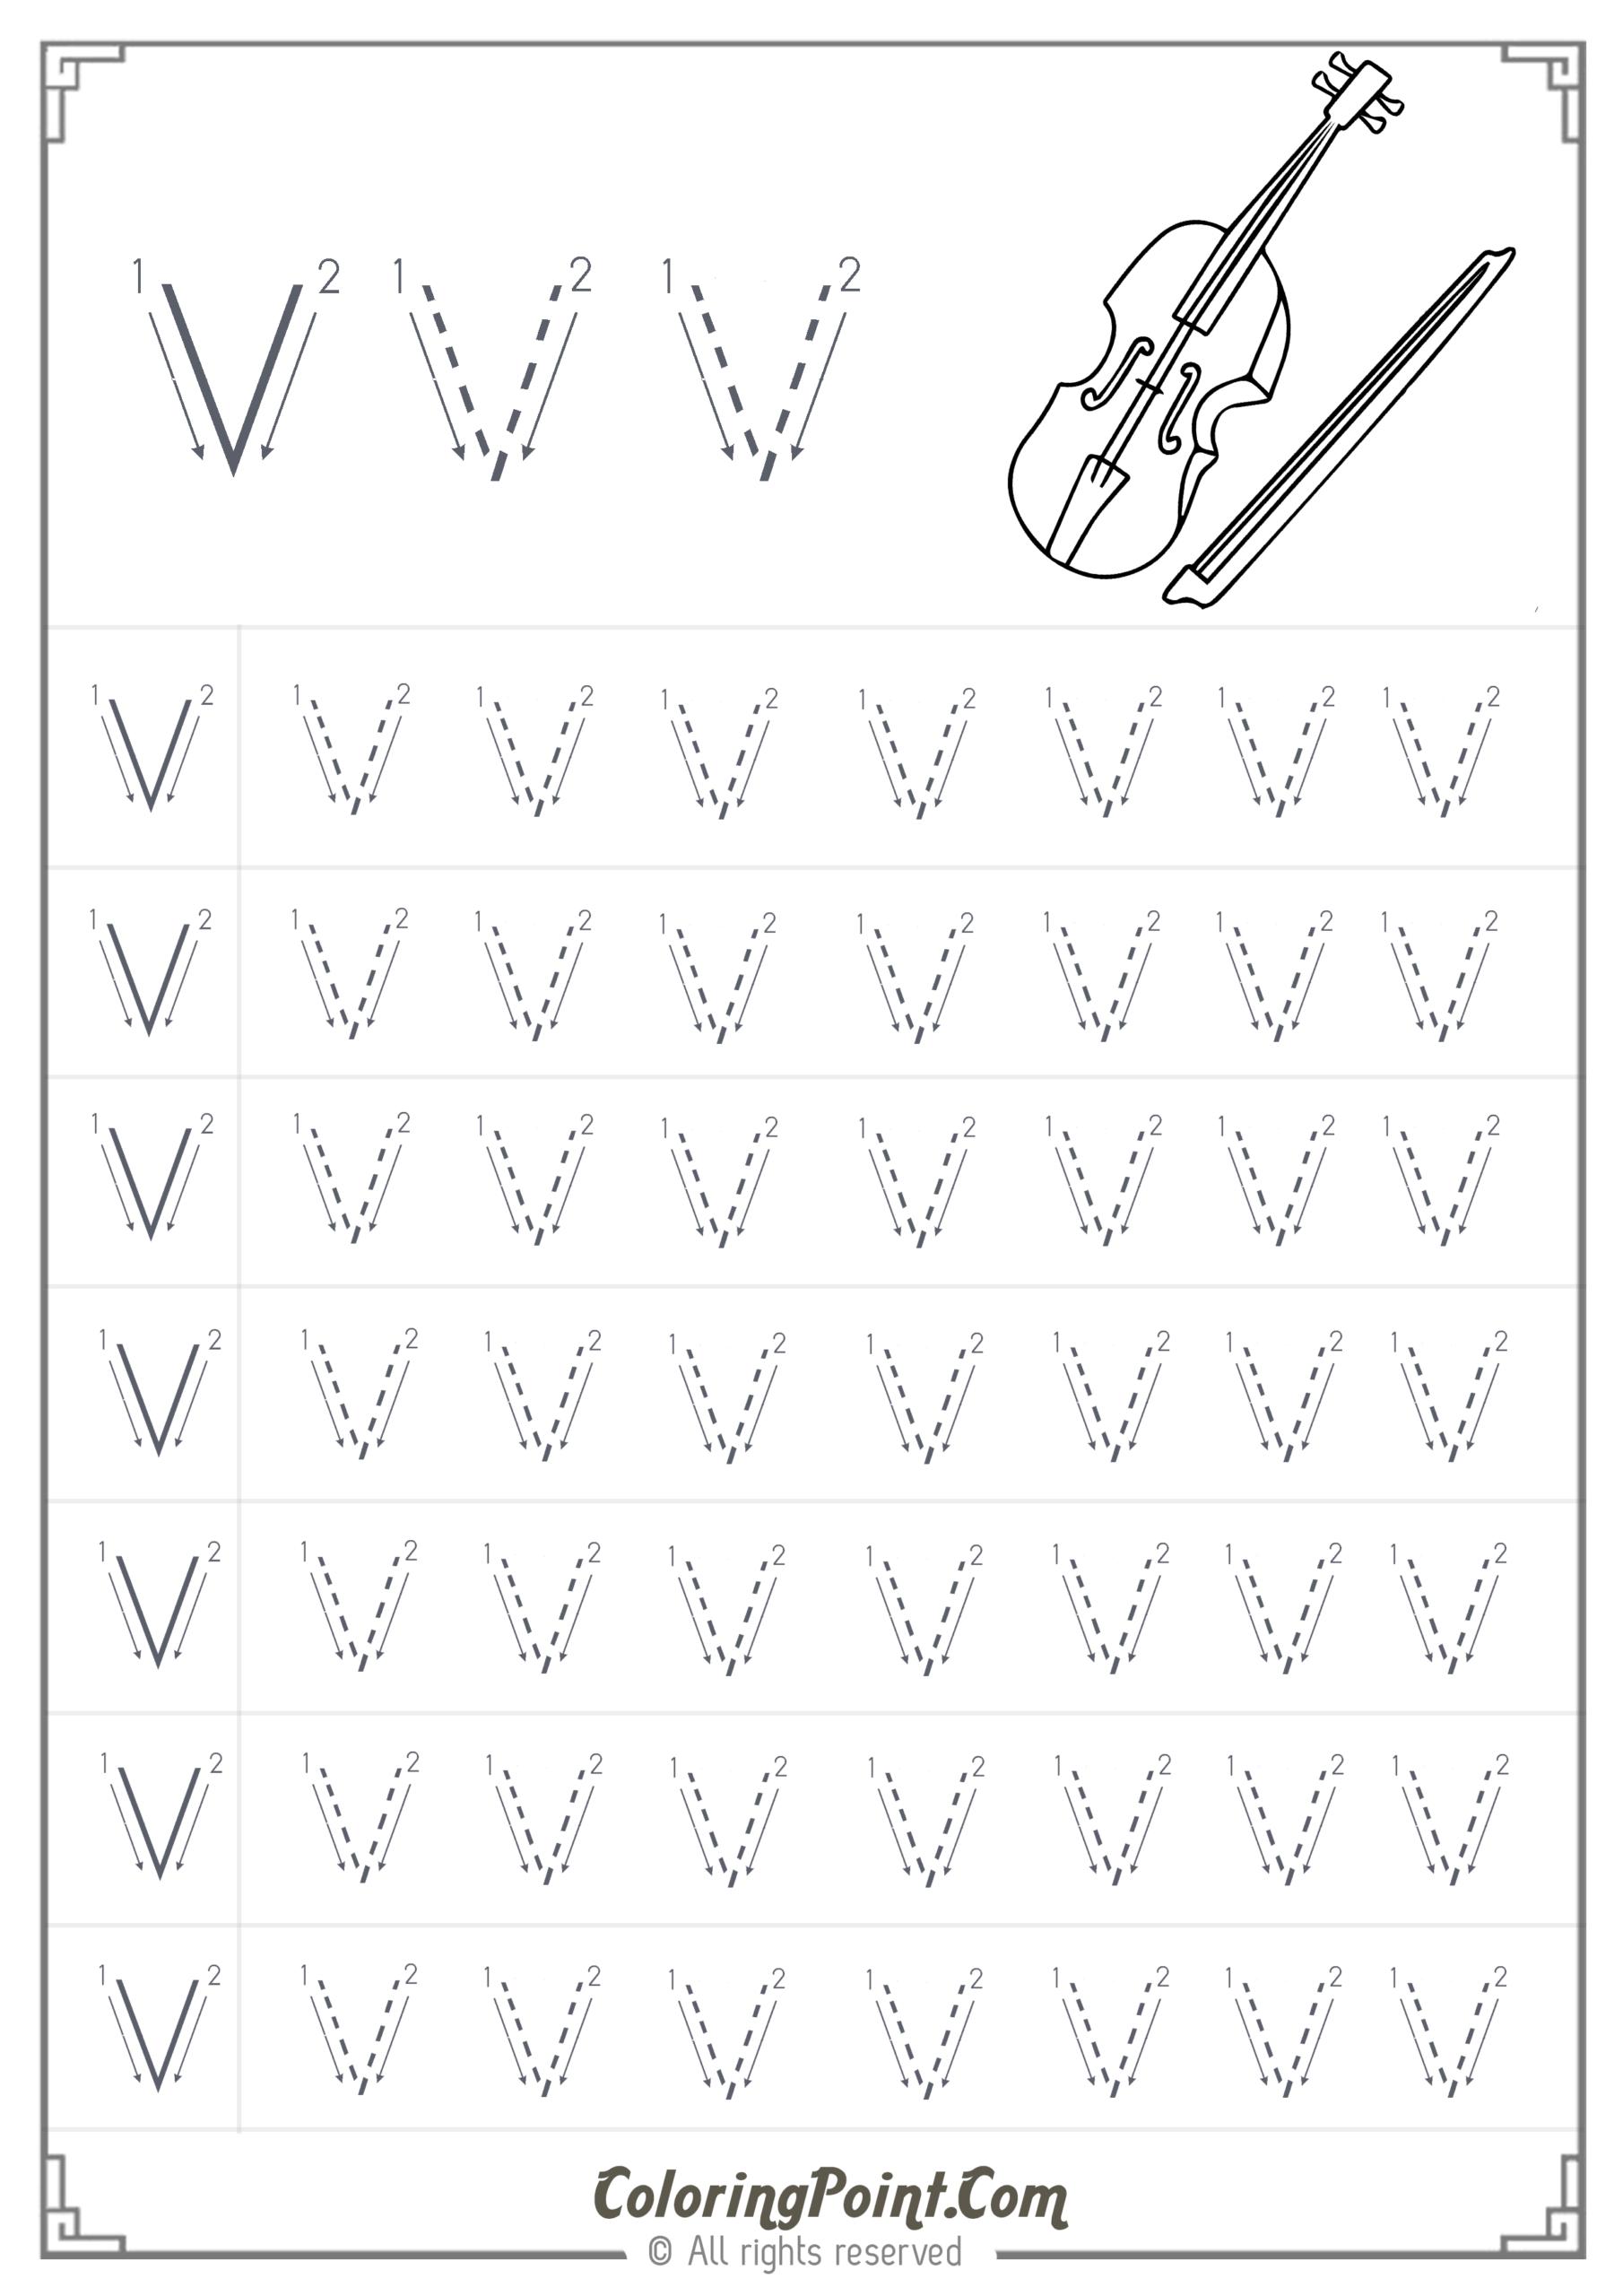 Printable Letter V Worksheet - Kindergarten | Coloring Point regarding Letter V Worksheets Sparklebox